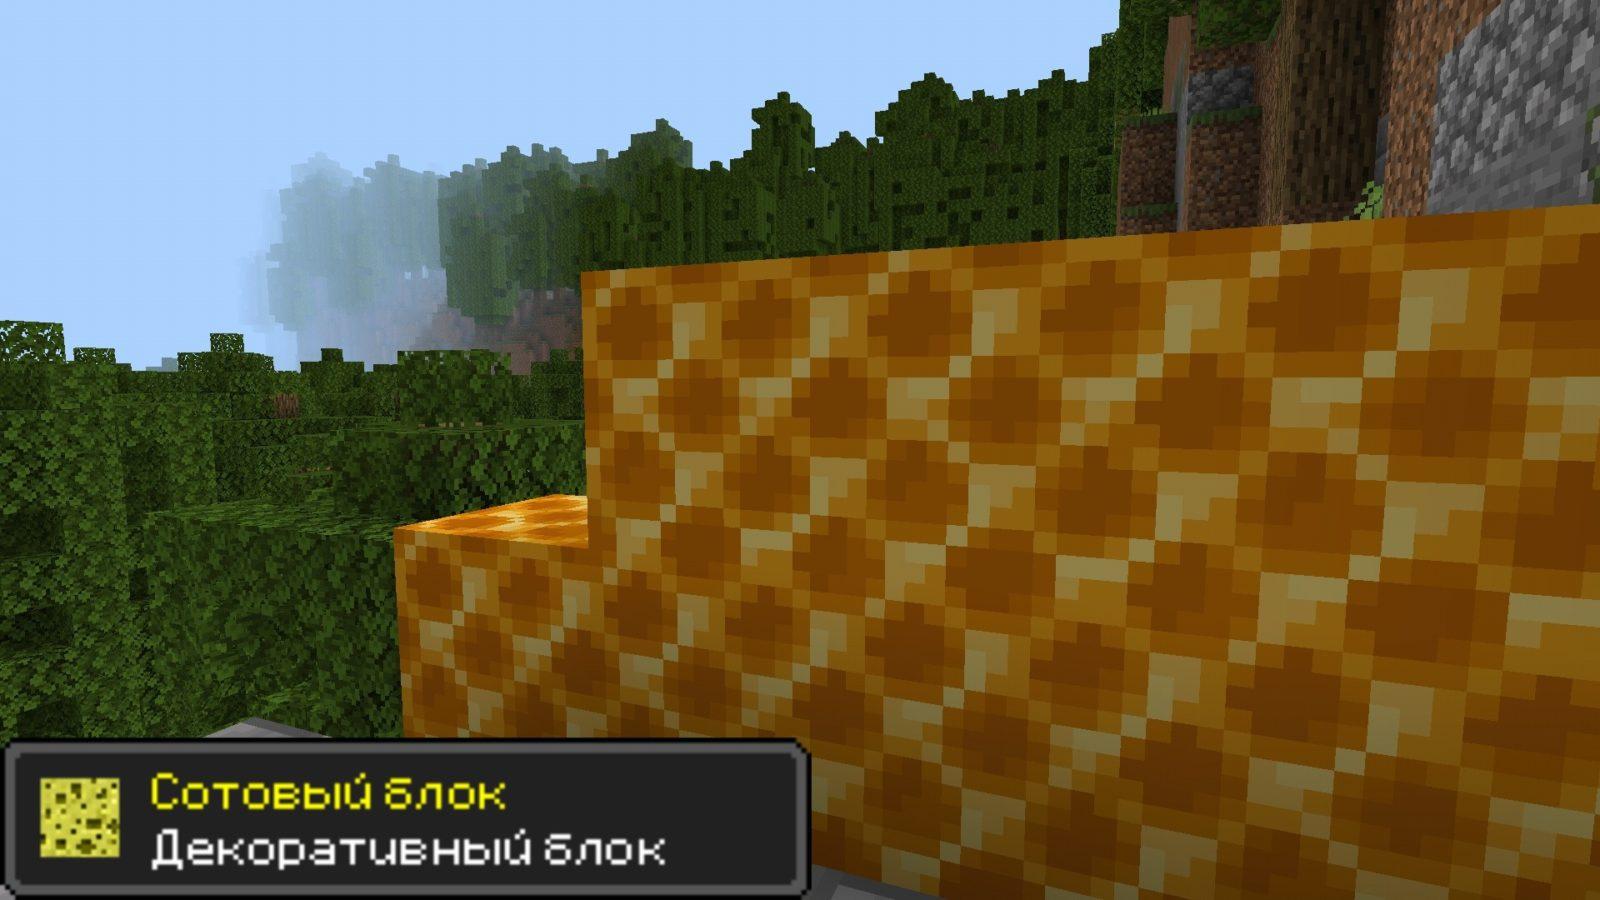 Sotovye bloky Minecraft PE 1.14.30.51